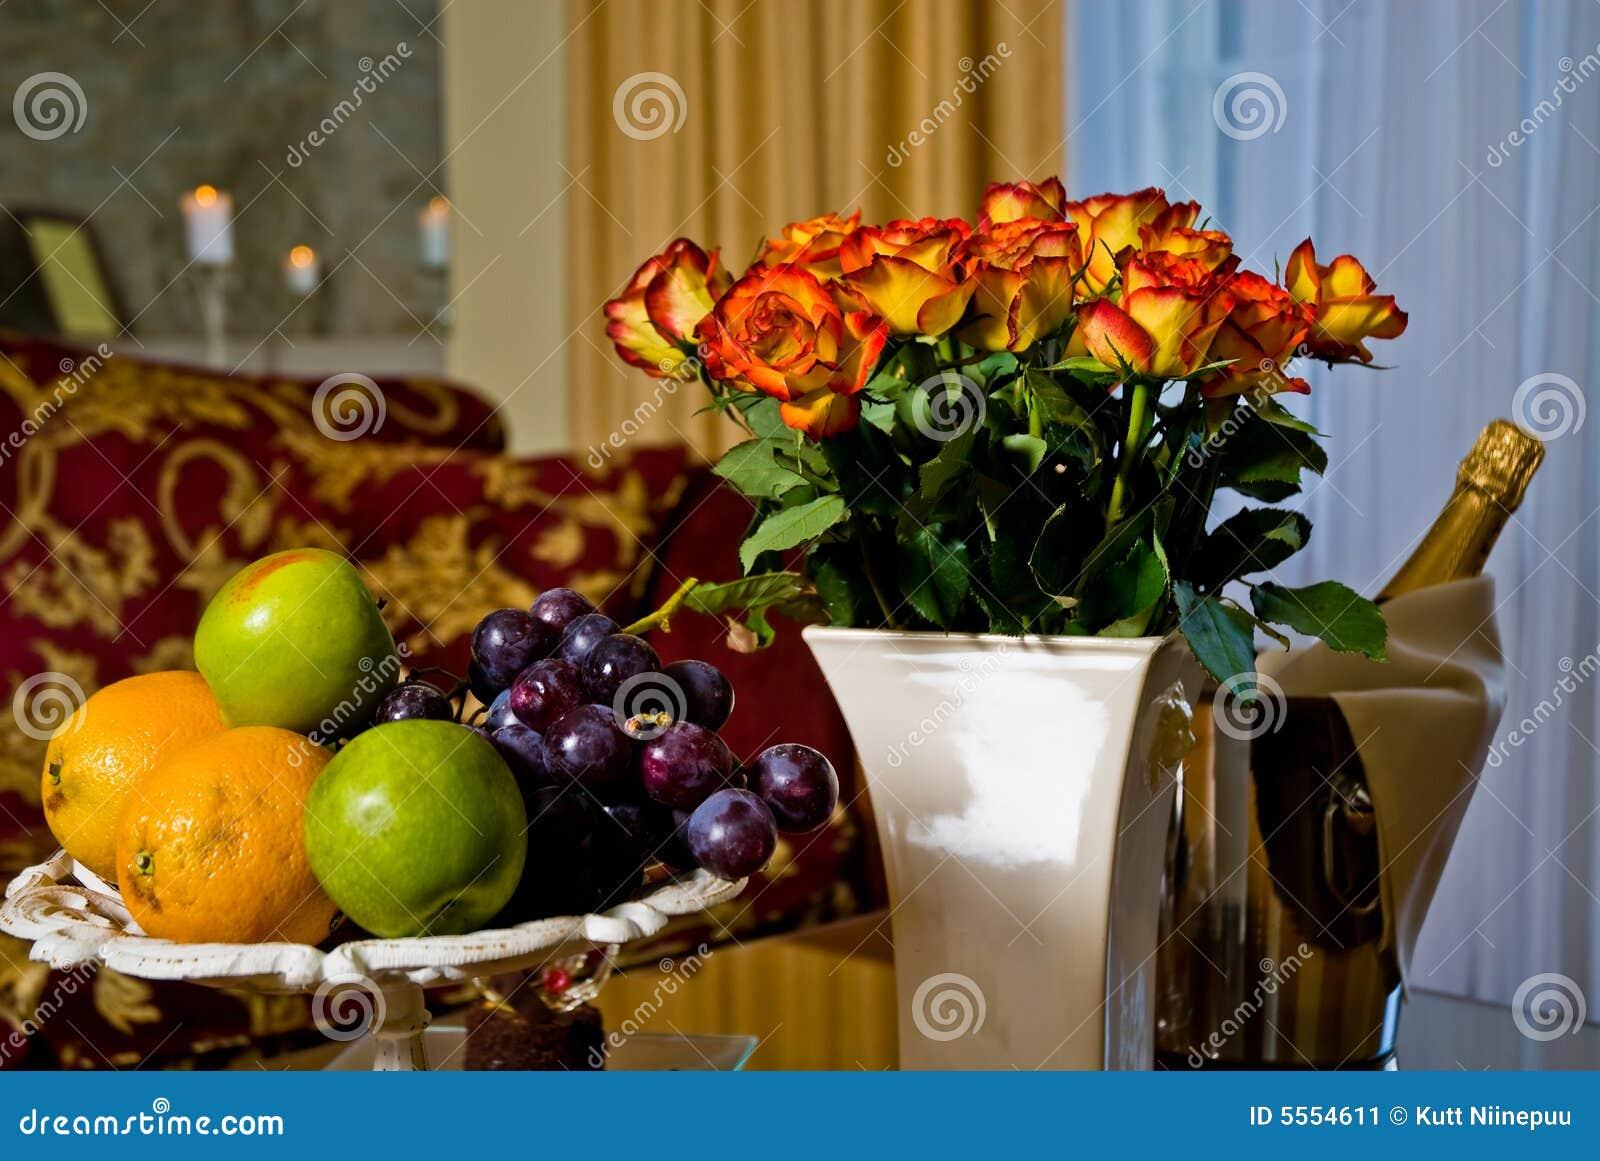 Fruta, flores y vino